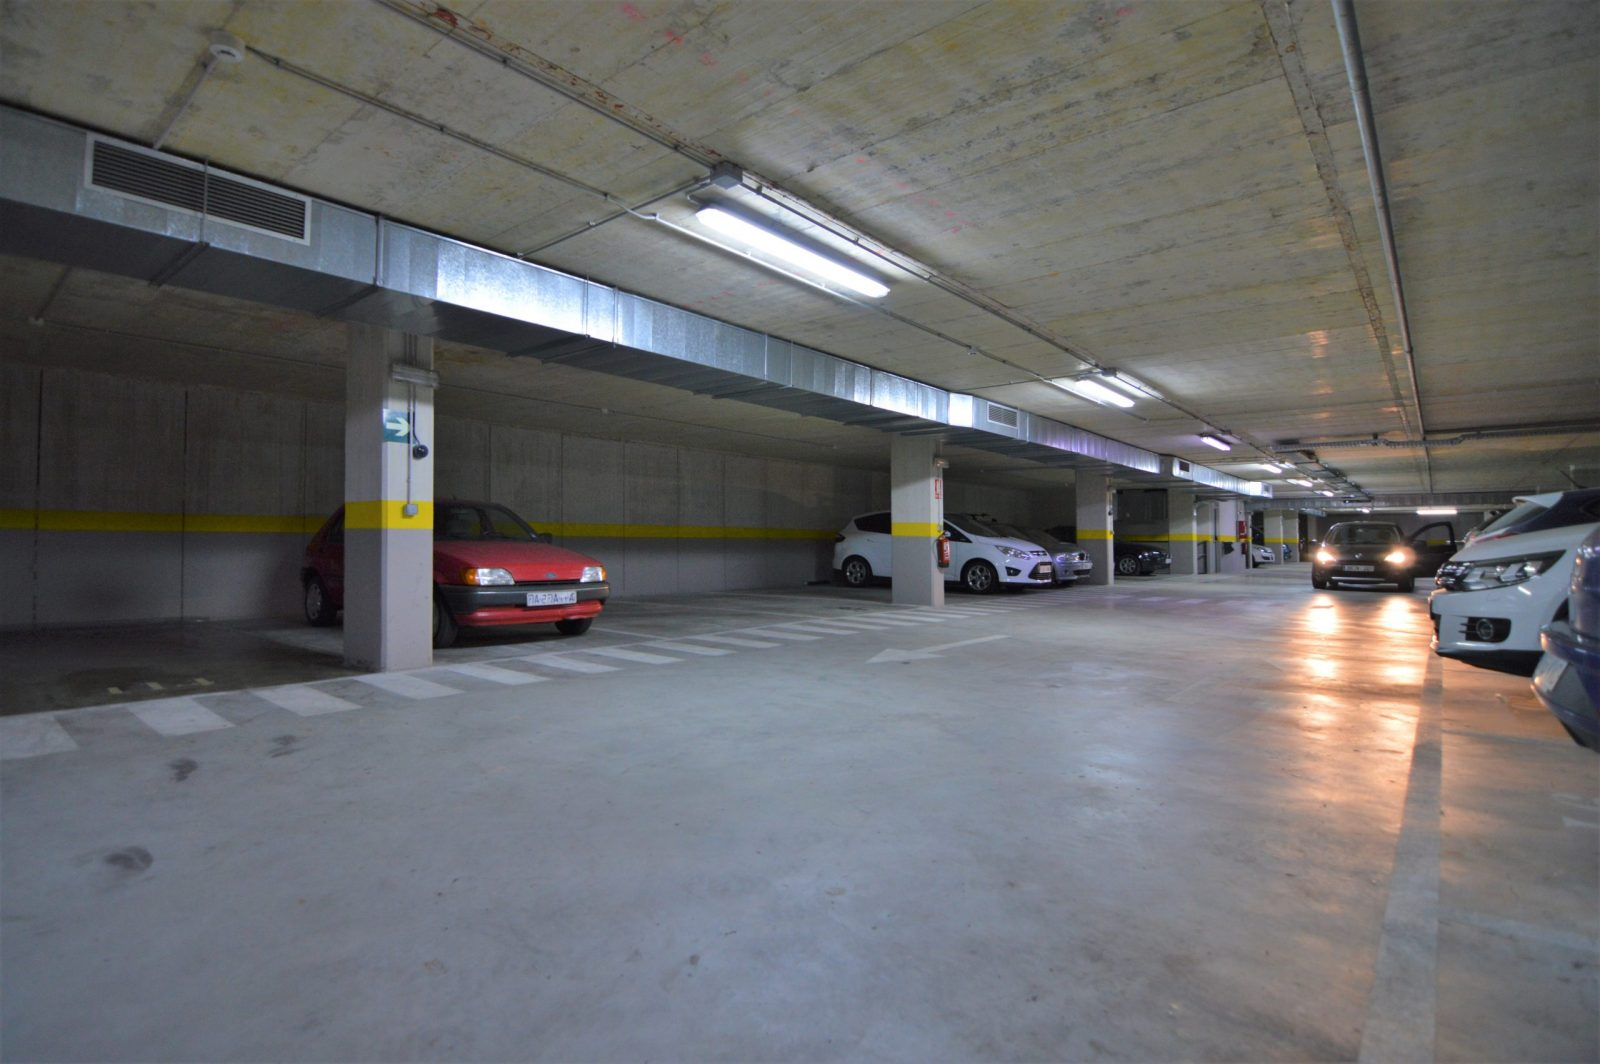 Plazas de garaje Plaza Monasterio de Marcilla, 1, Nº 115 y 116